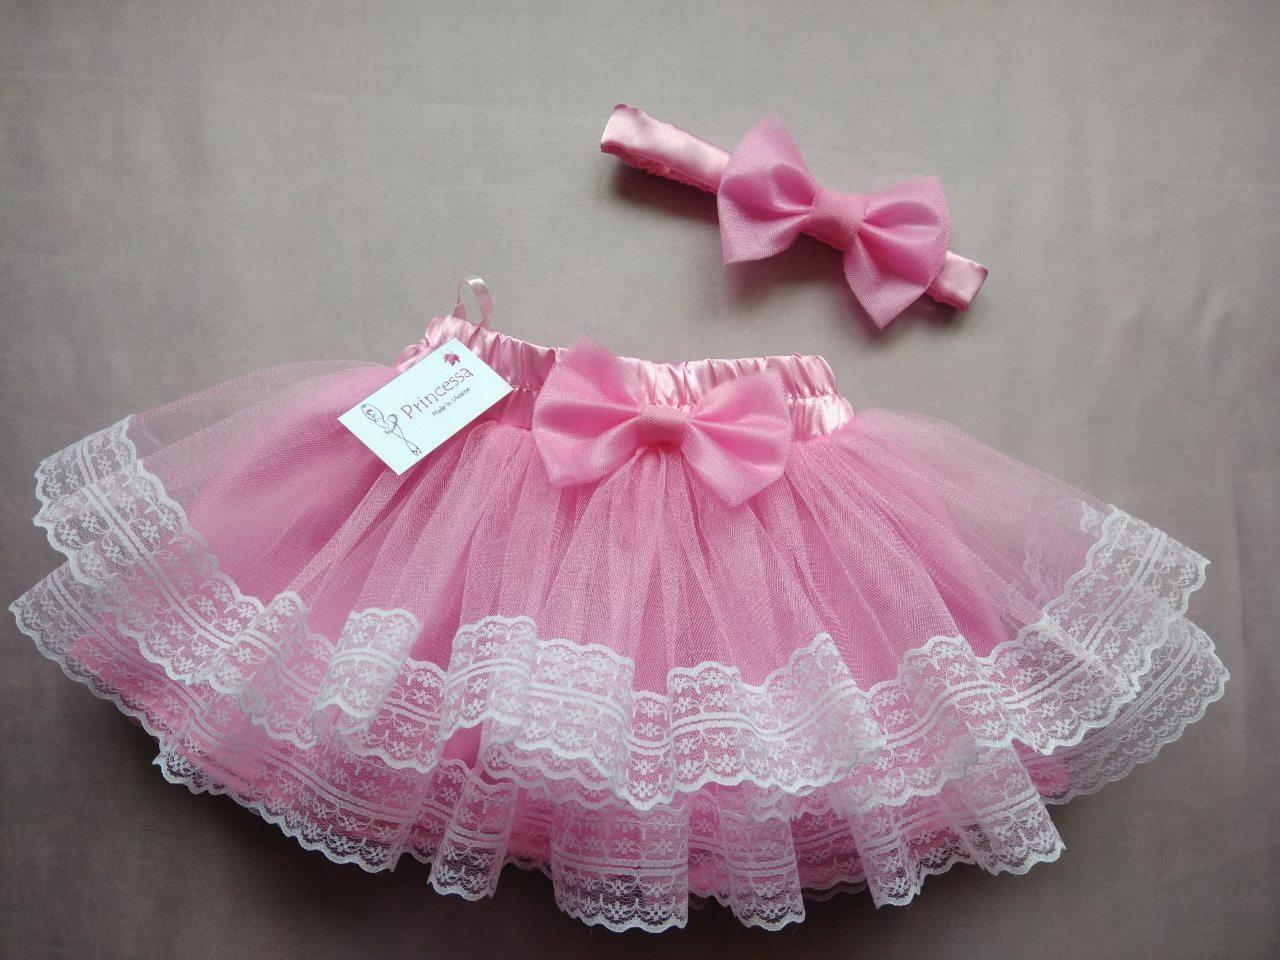 """Юбочка детская """"Зефирка"""" фатиновая розовая на резинке, с подкладом, с белым кружевом."""